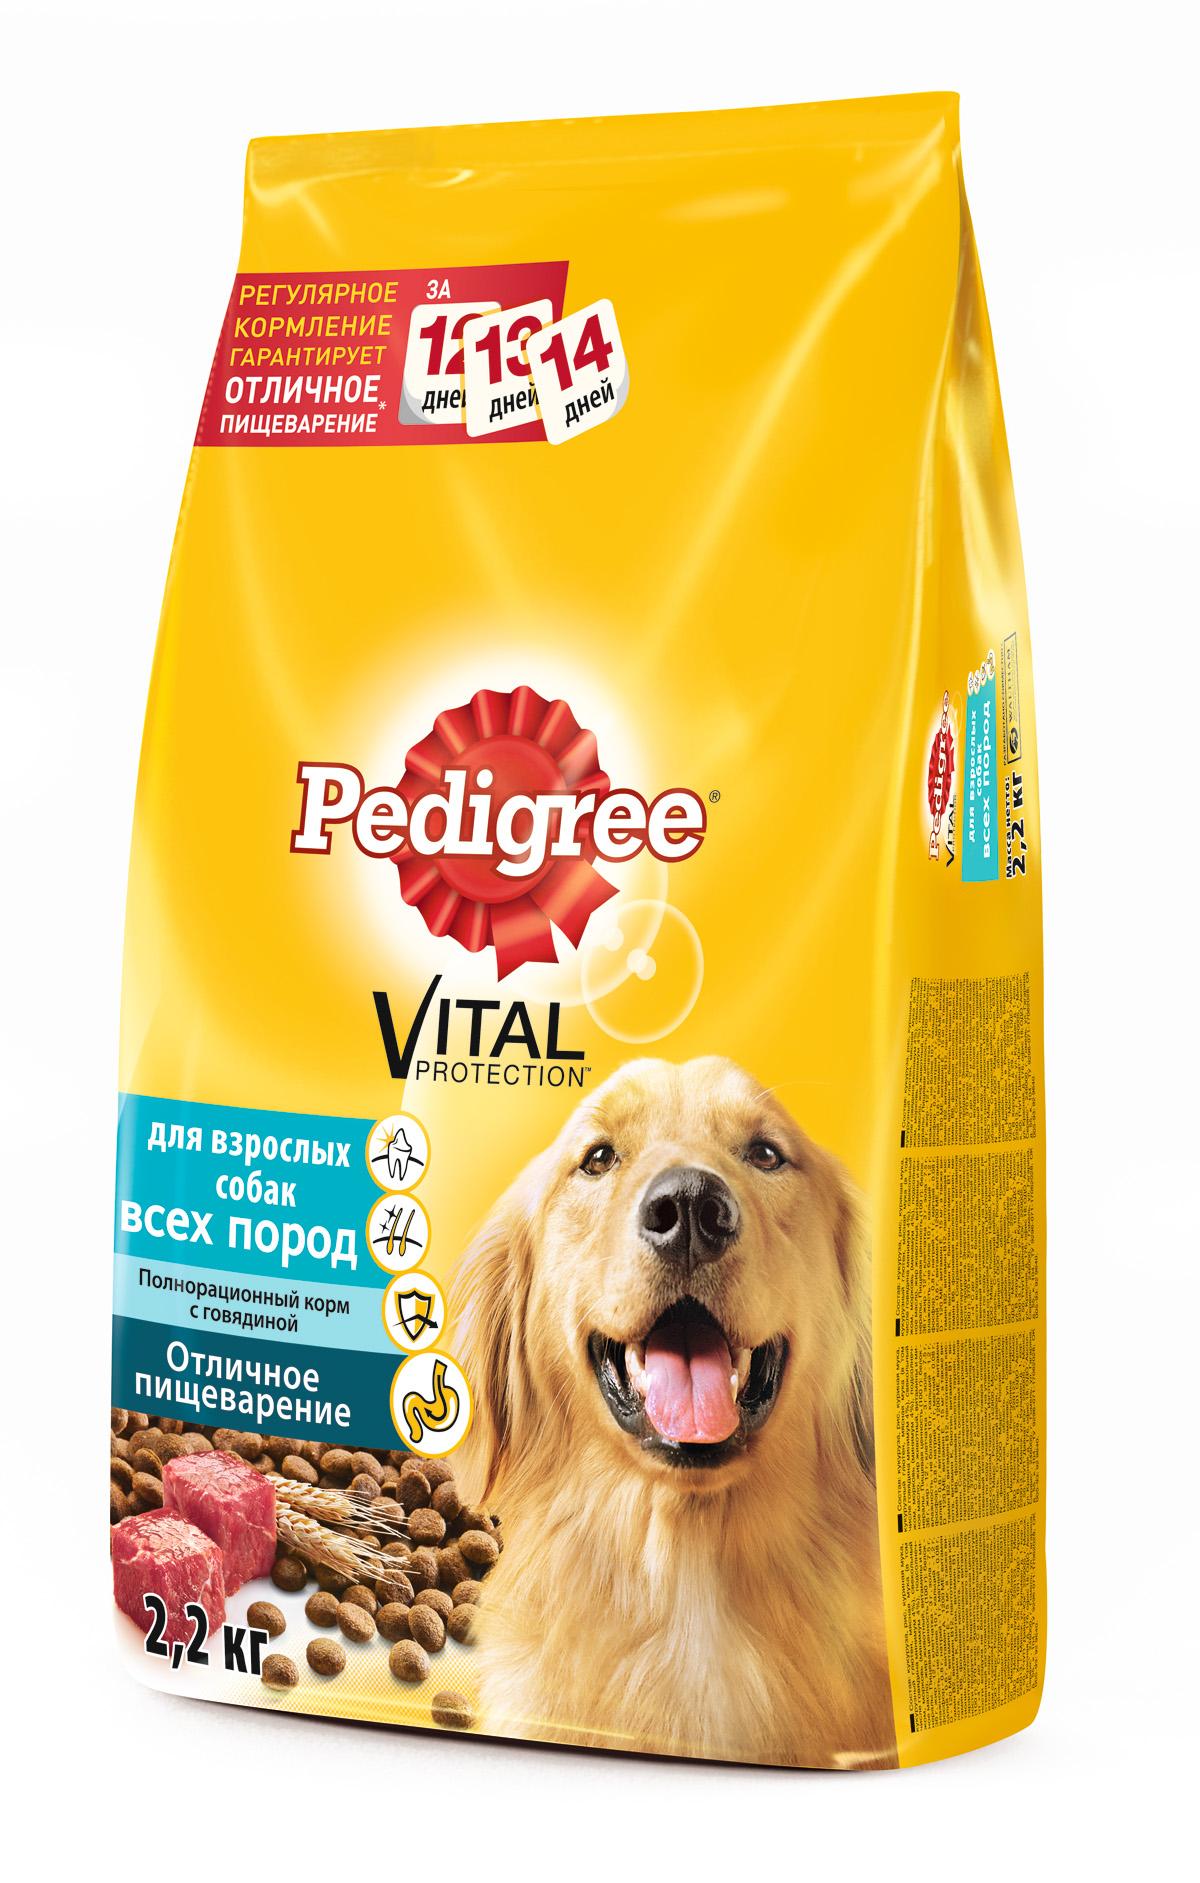 Корм сухой Pedigree для взрослых собак всех пород, с говядиной, 2,2 кг витамины solgar кальций магний цинк 100 таблеток